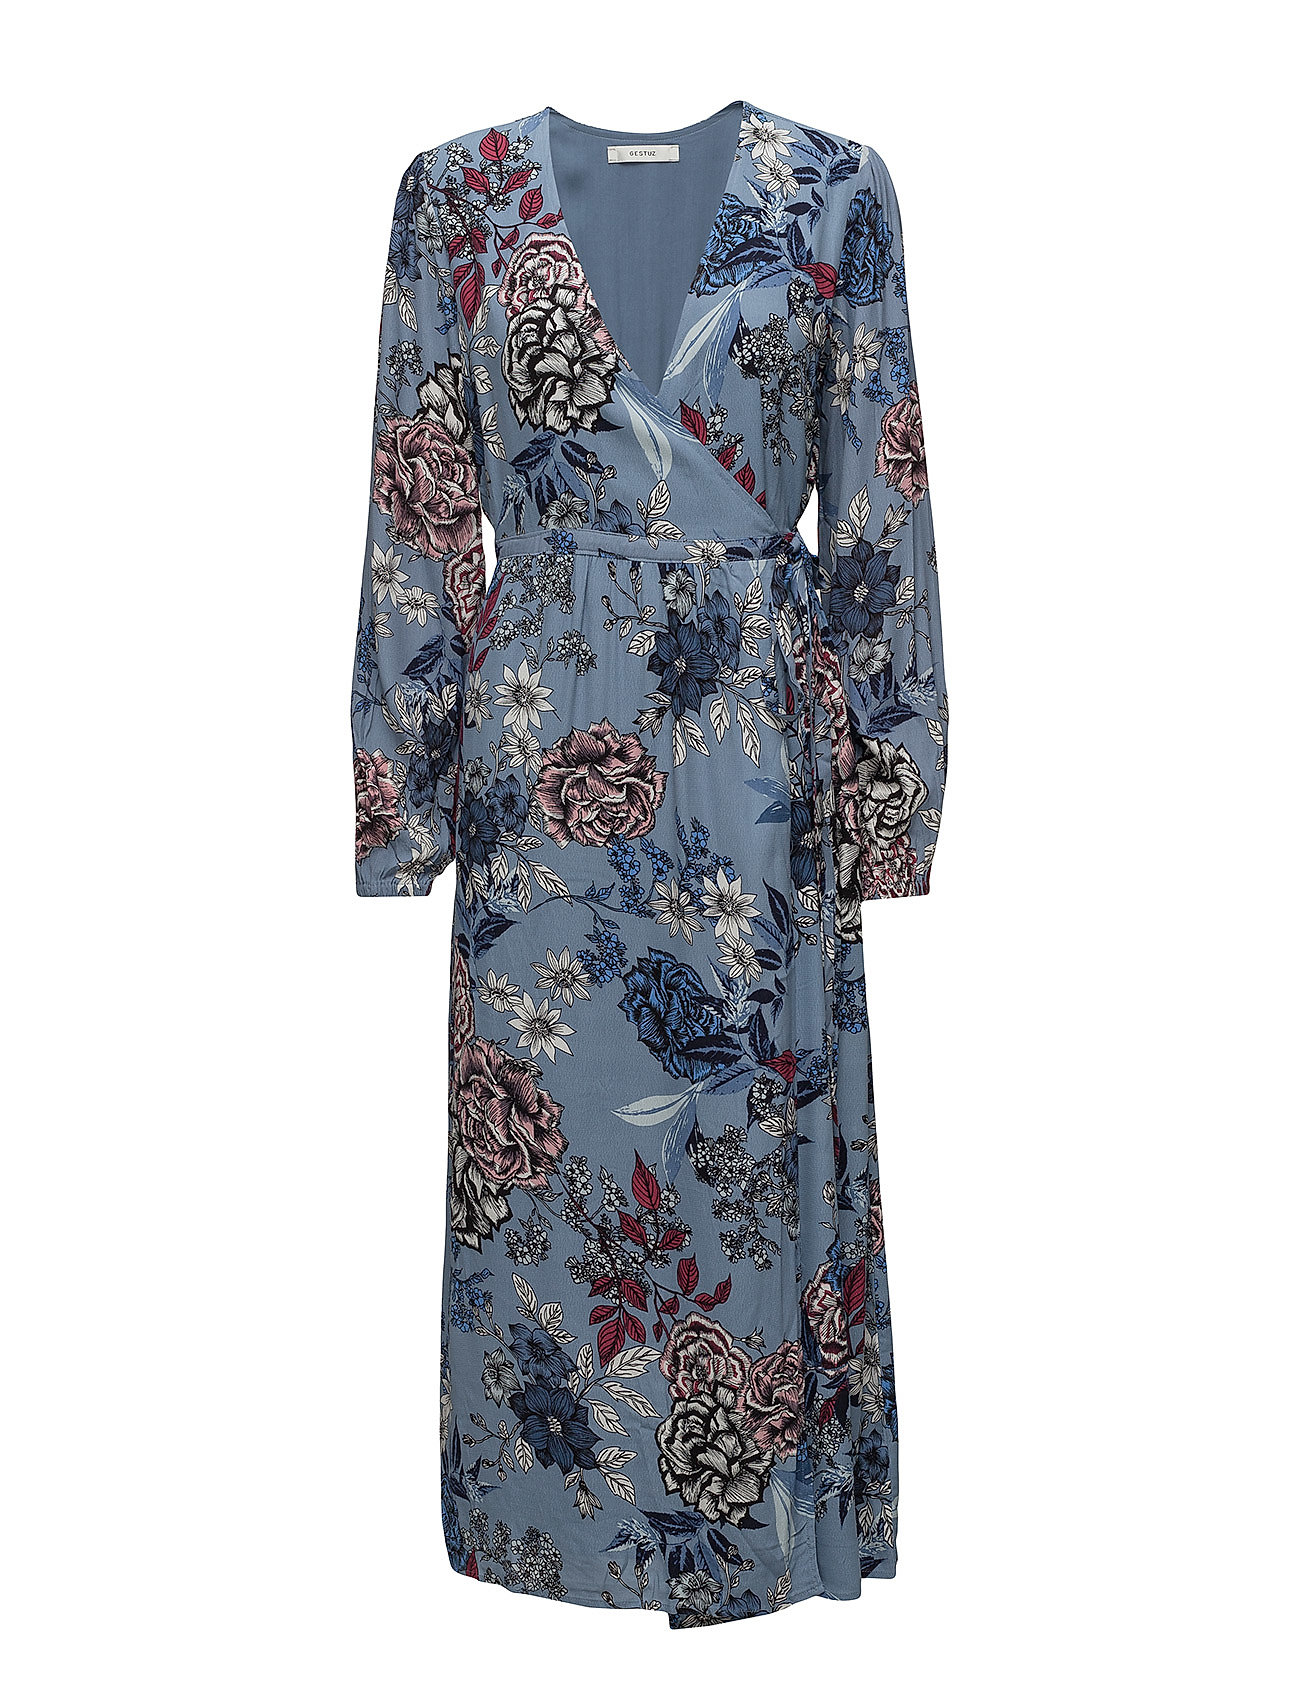 30d9272e7327 Begonia Wrap Dress Ms18 - Udsalg og tilbud - Køb online